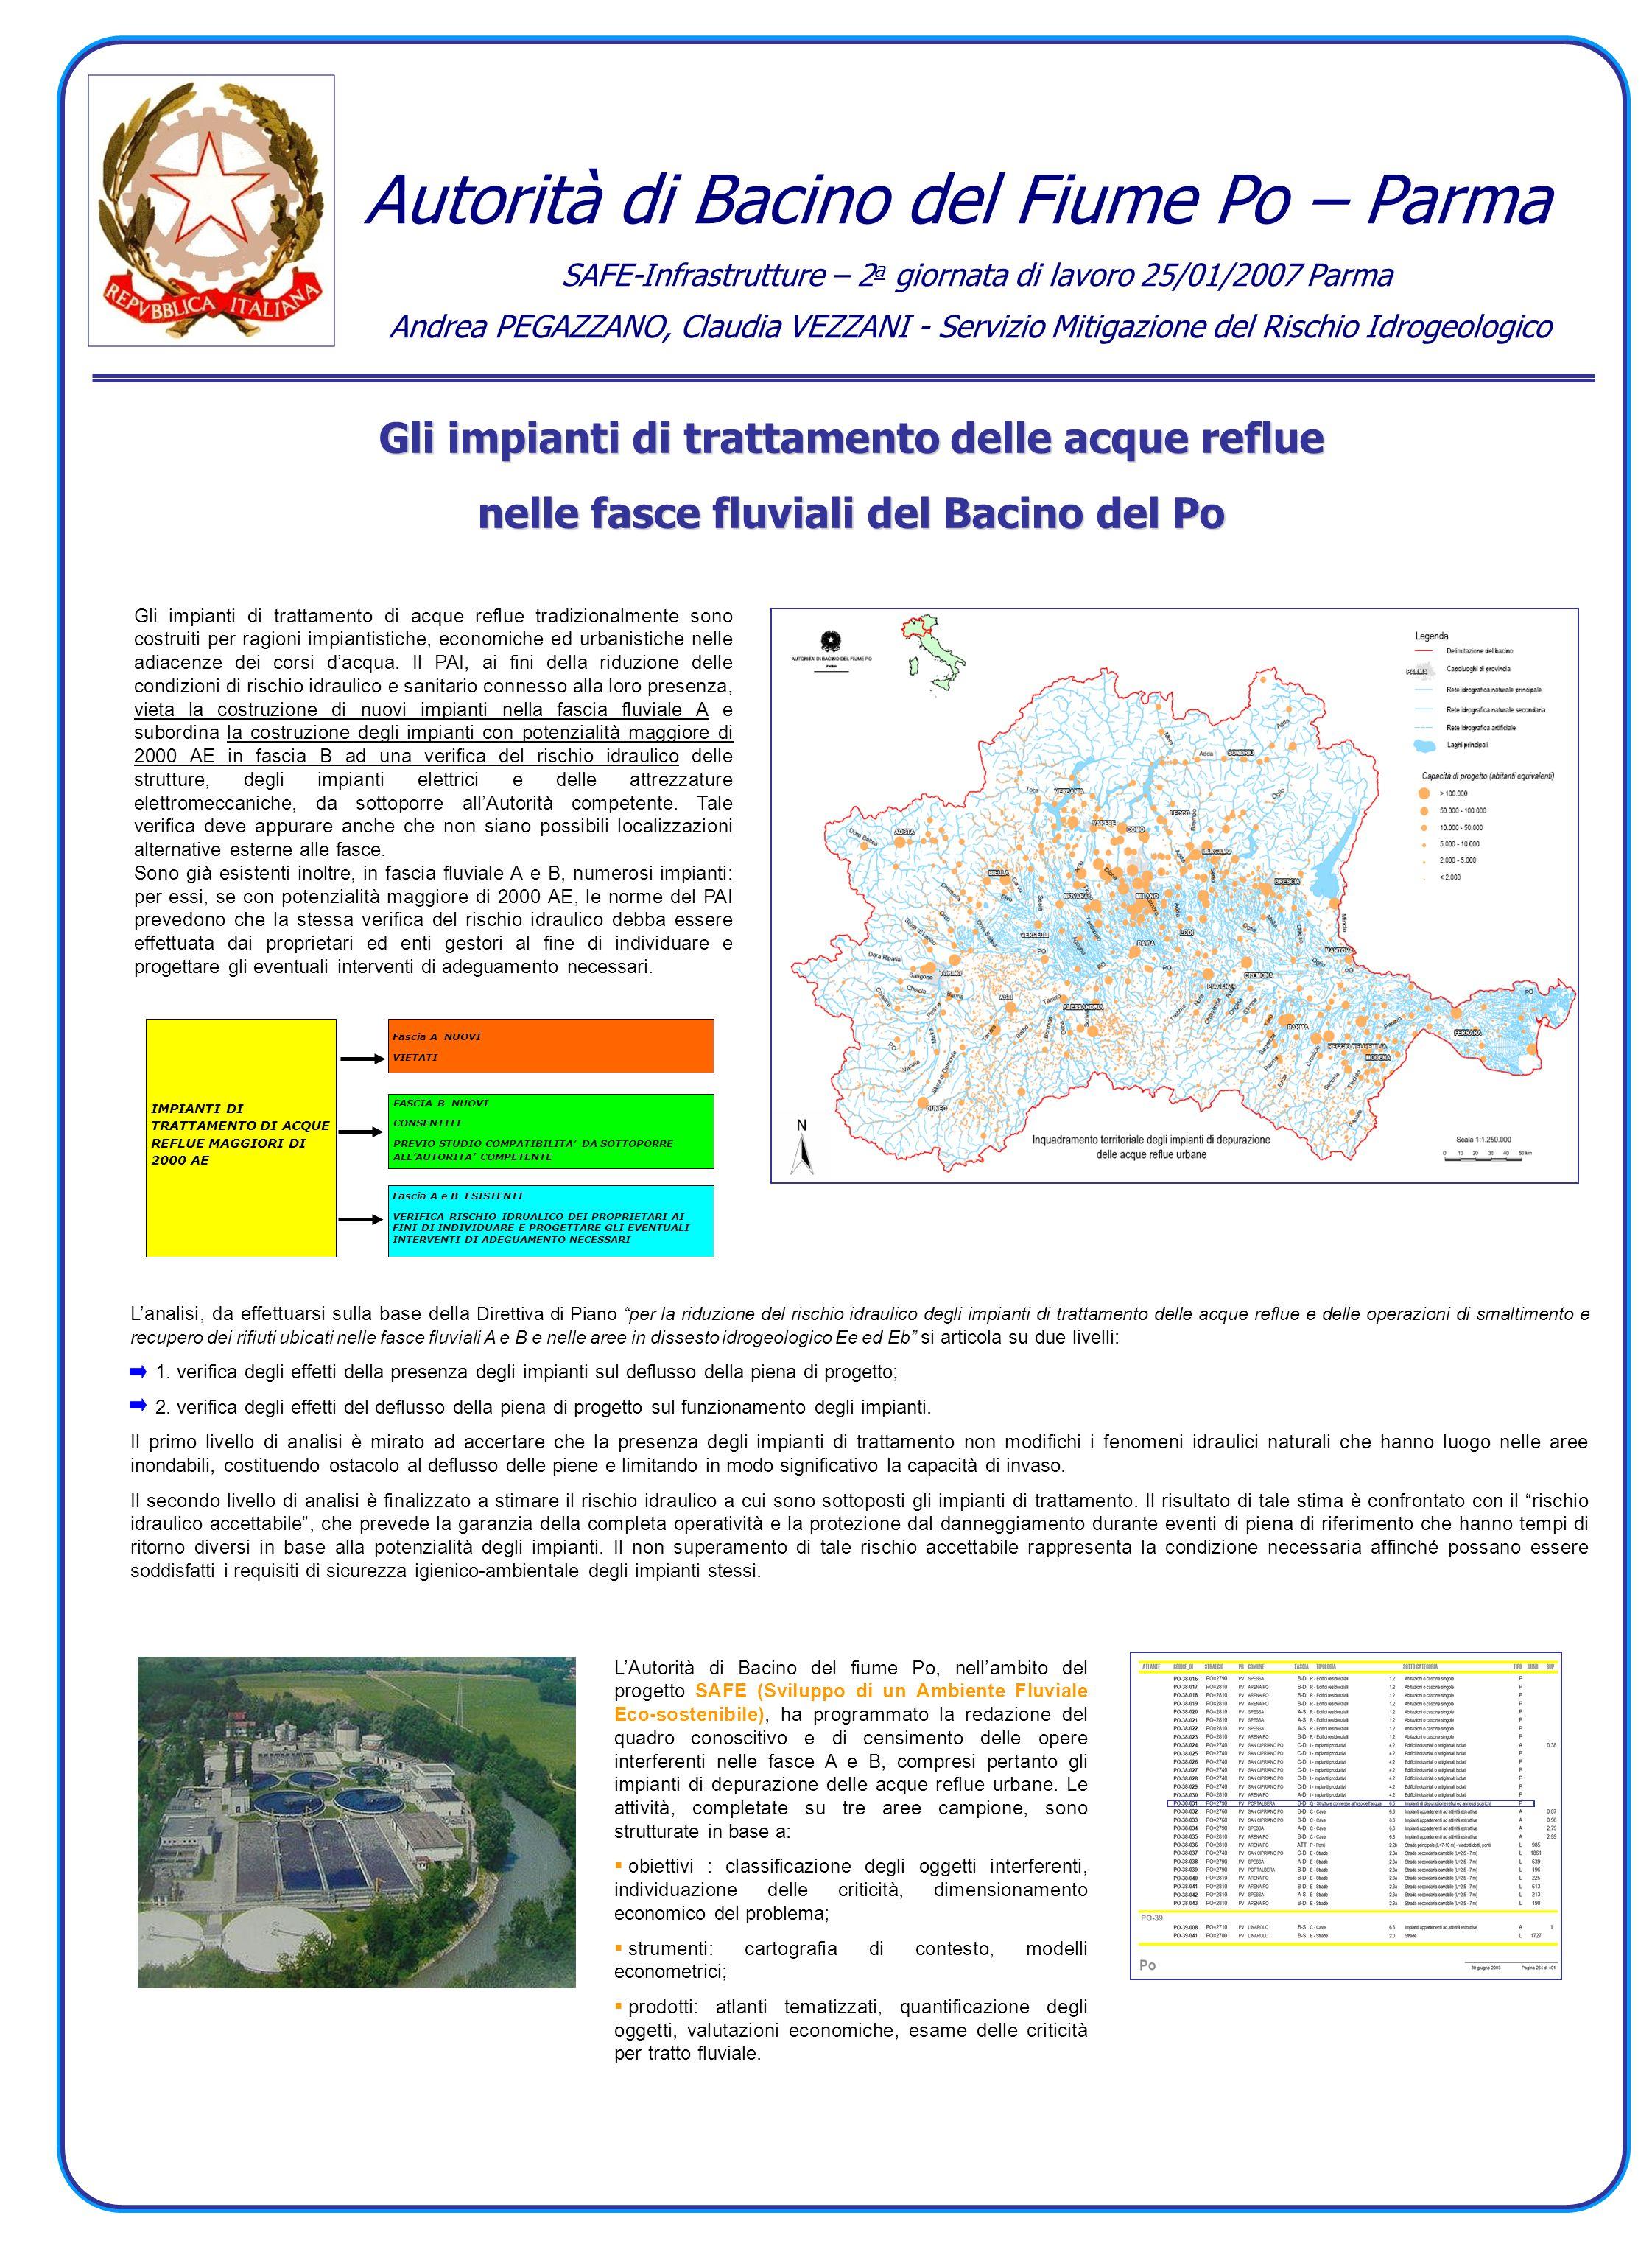 Gli impianti di trattamento delle acque reflue nelle fasce fluviali del Bacino del Po Gli impianti di trattamento di acque reflue tradizionalmente son